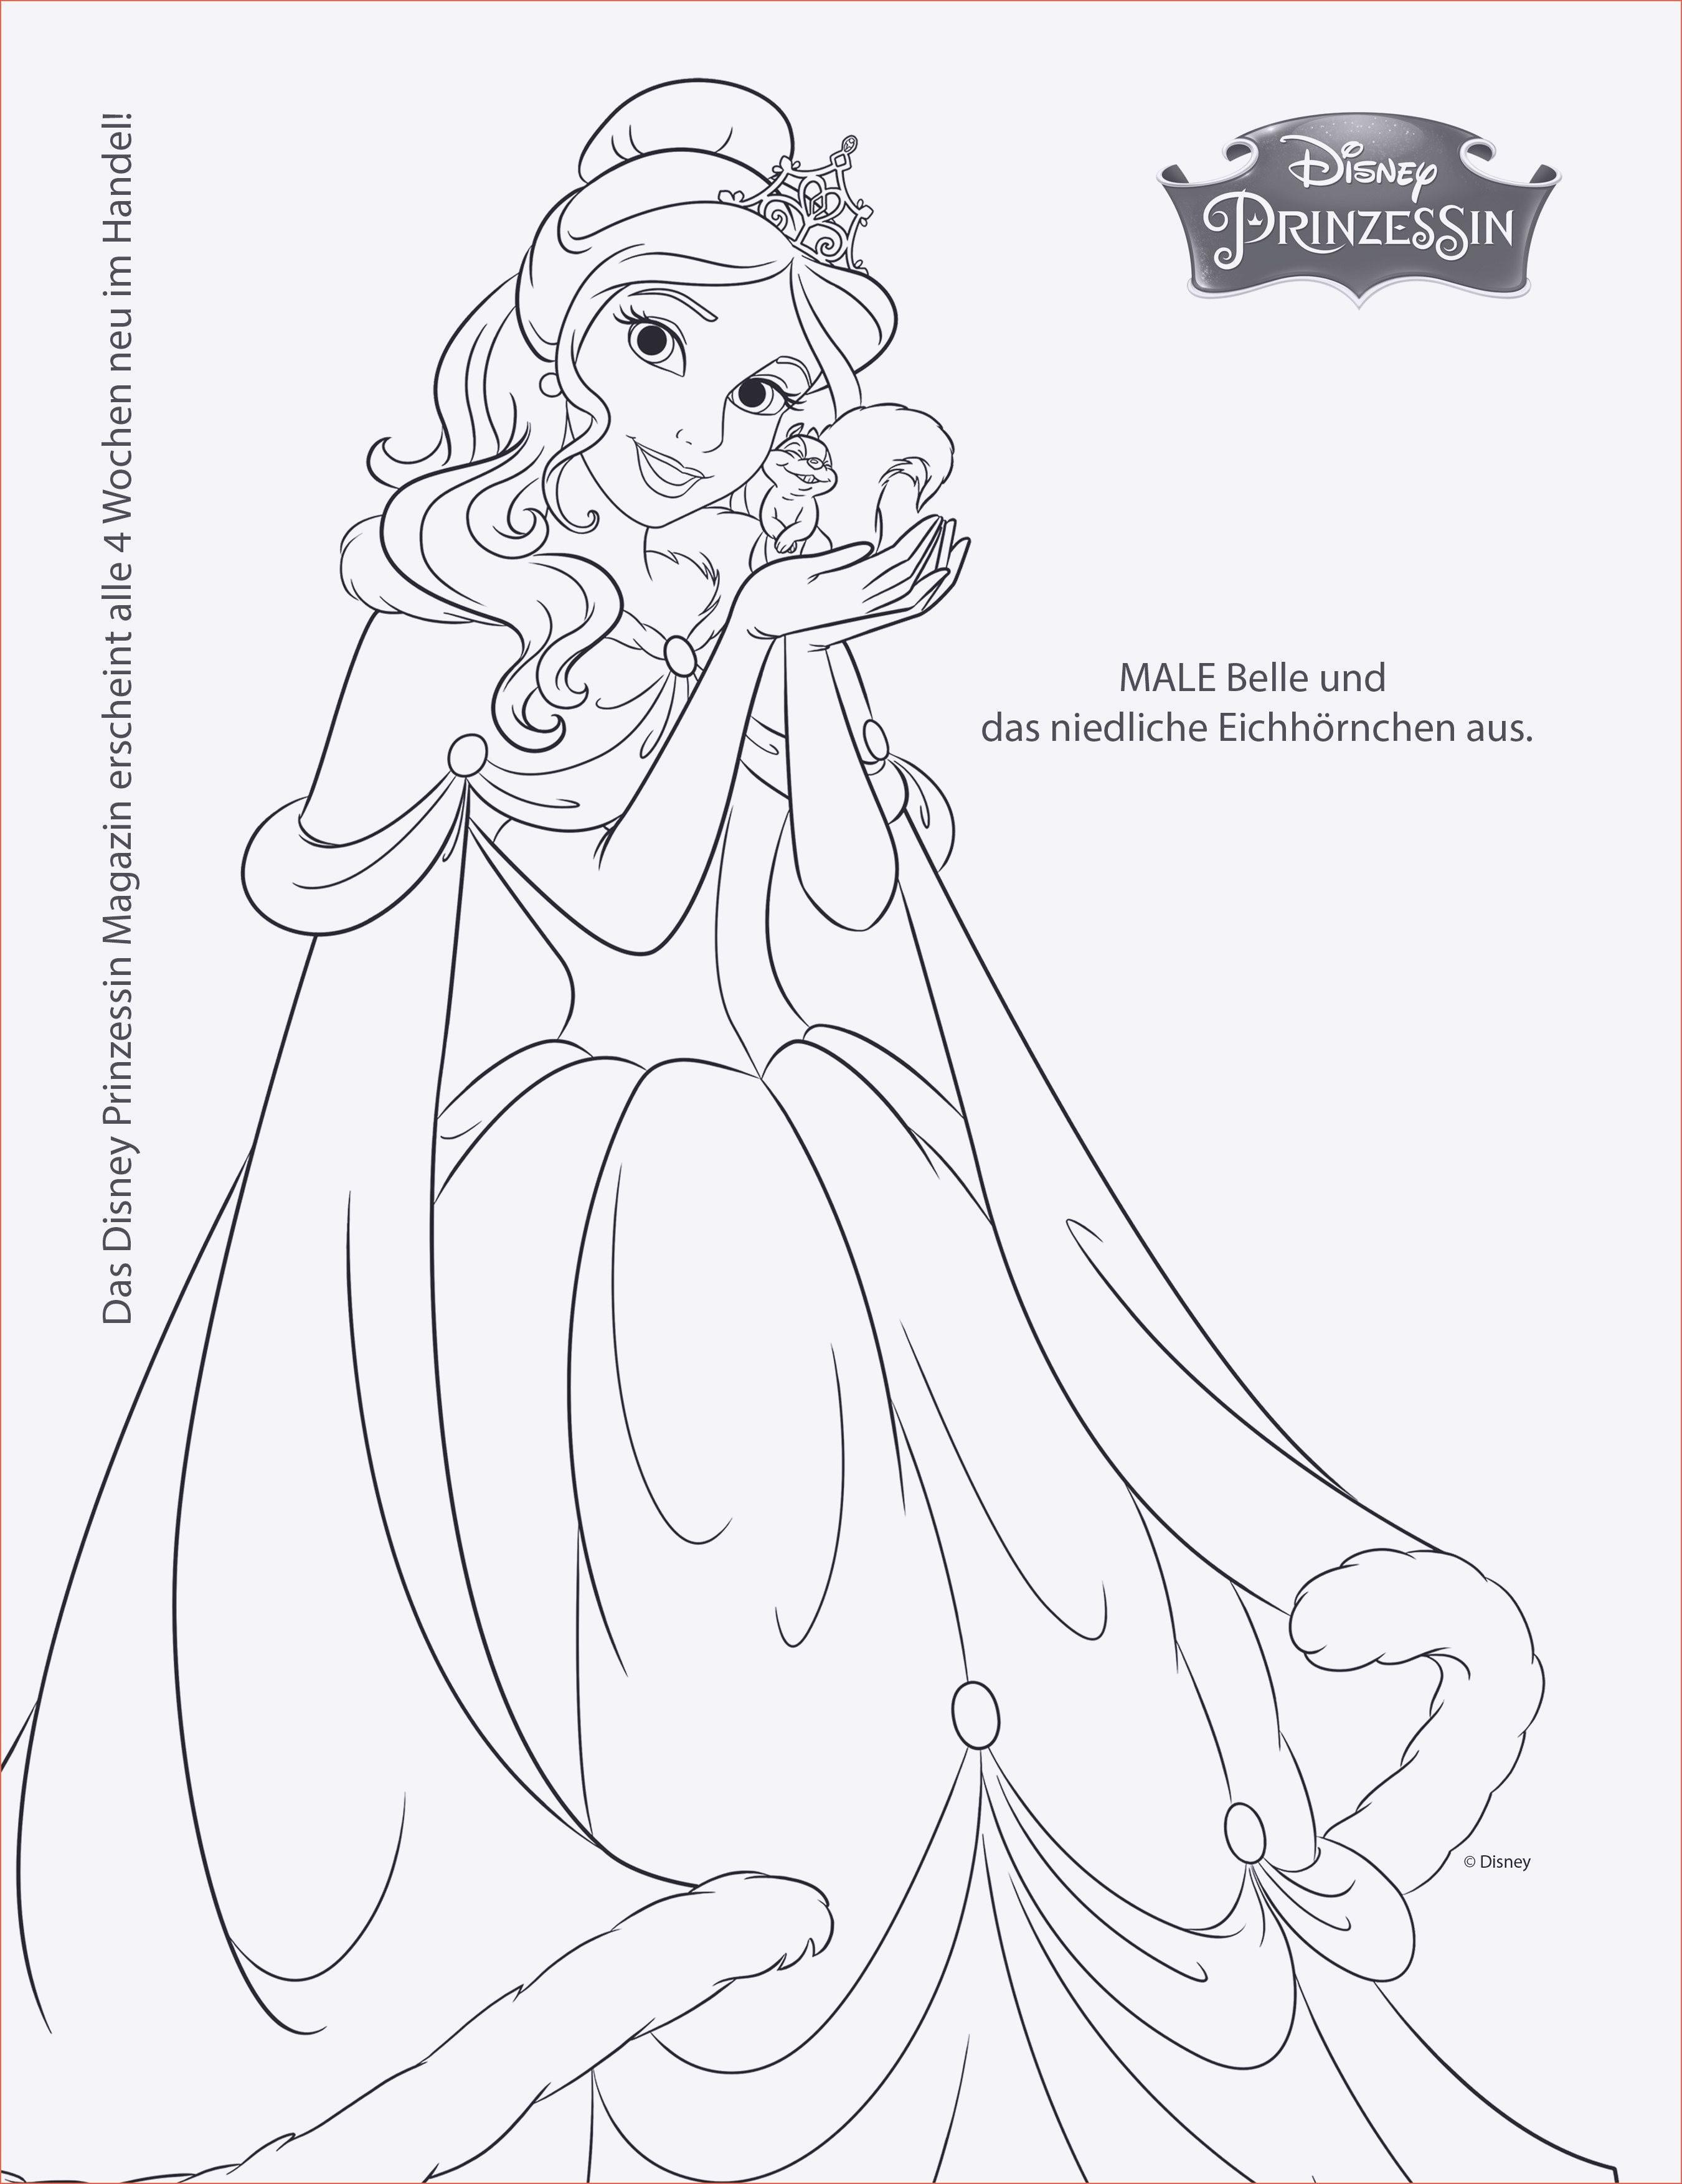 Ausmalbilder Prinzessin Ausdrucken Inspirierend Gratis Malvorlagen Zum Ausdrucken Herz Ausdrucken Kostenlos S5d8 Fotos